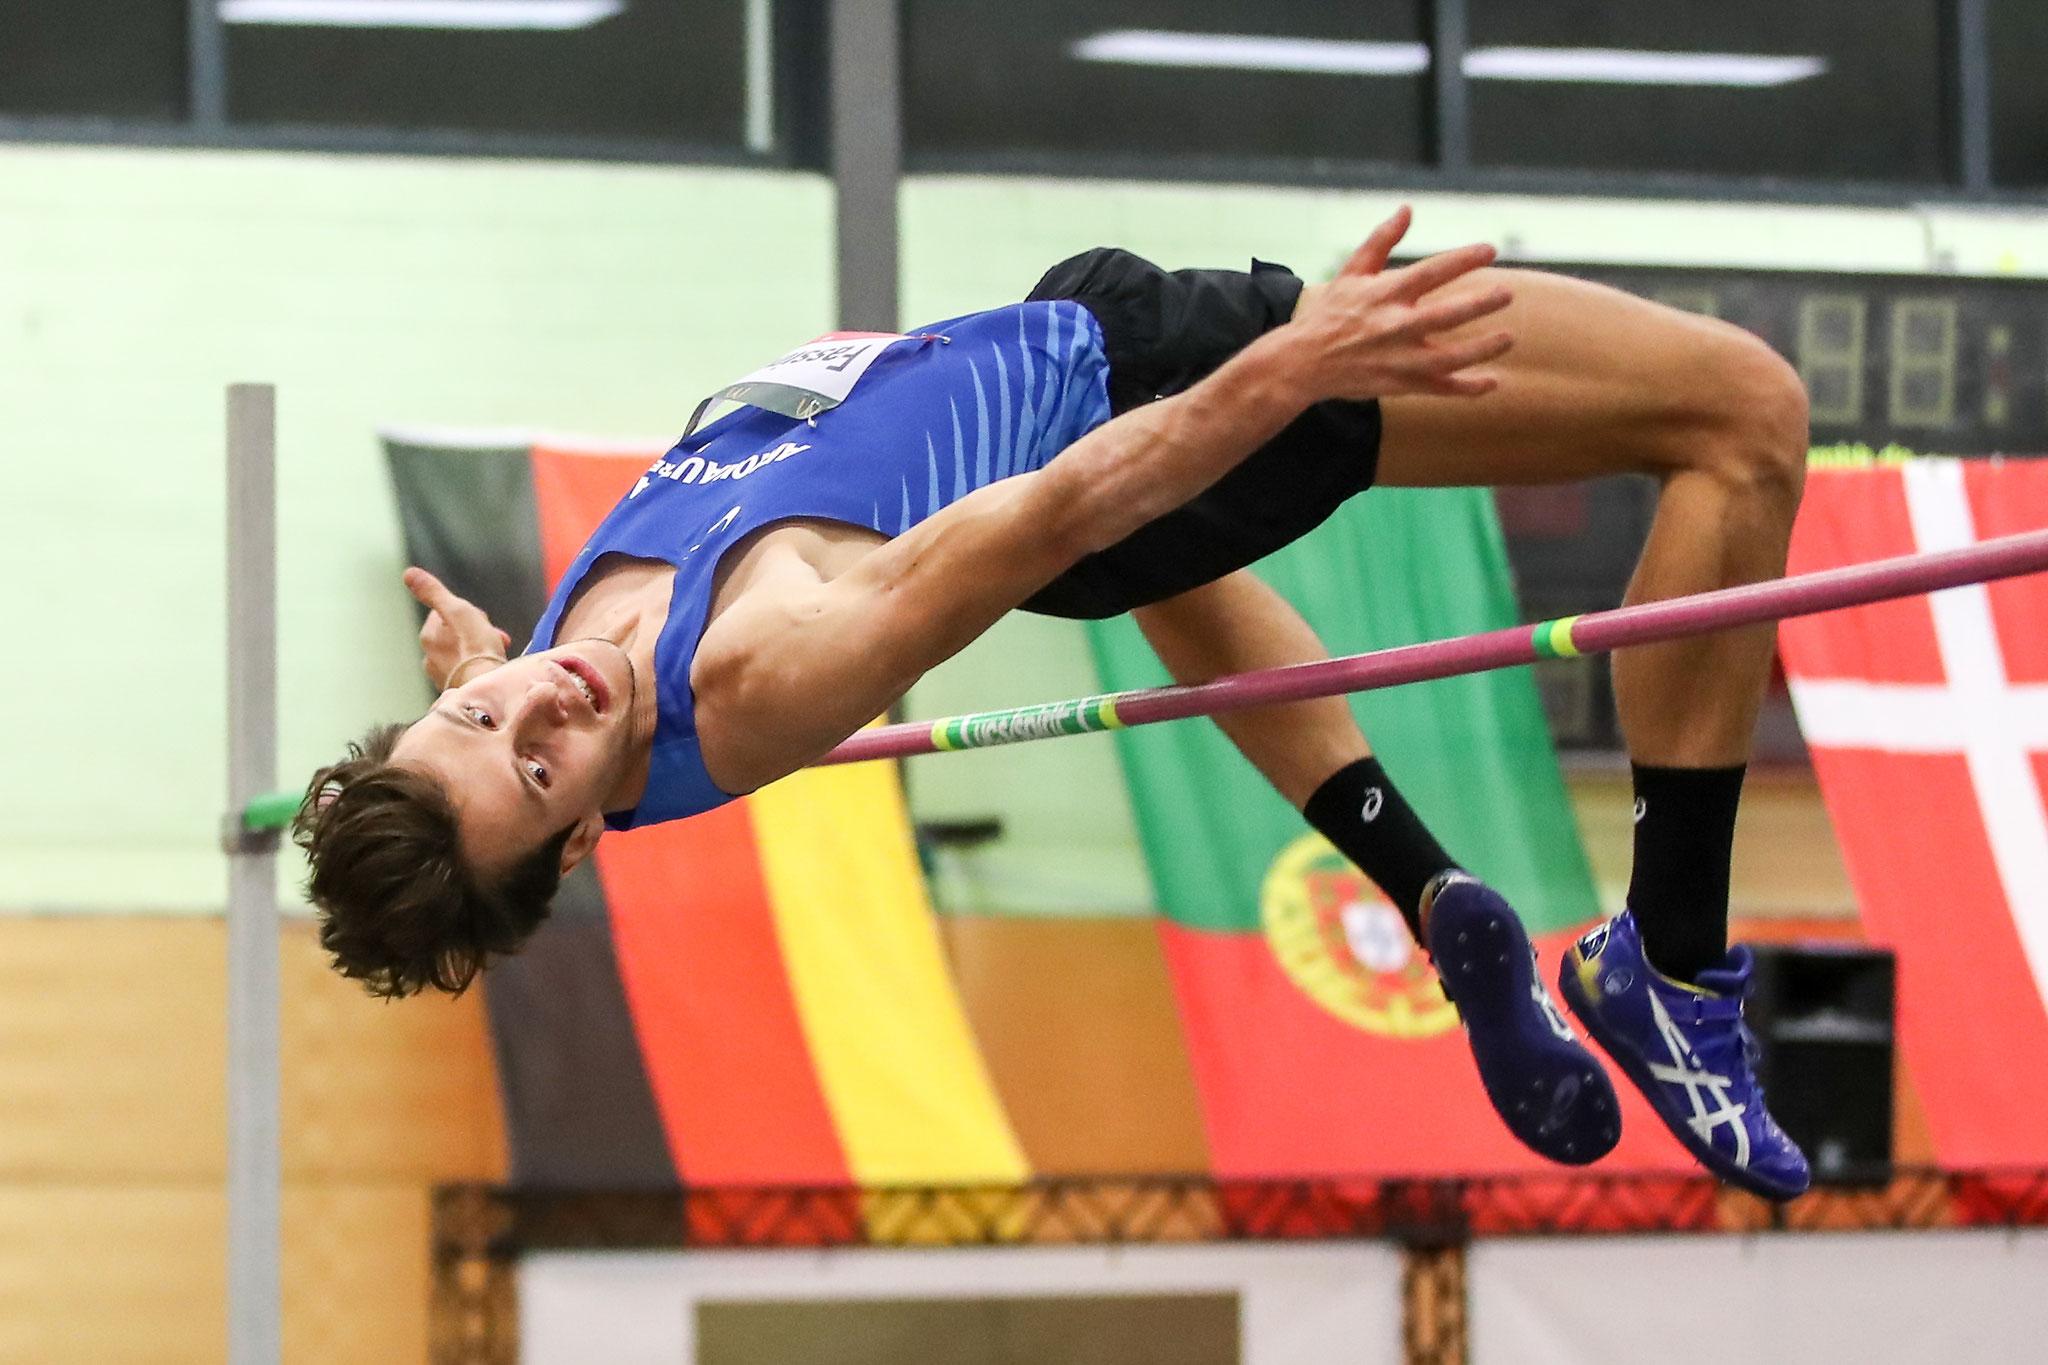 Marco Fassinotti (Foto: Footcorner/Dirk Fußwinkel)